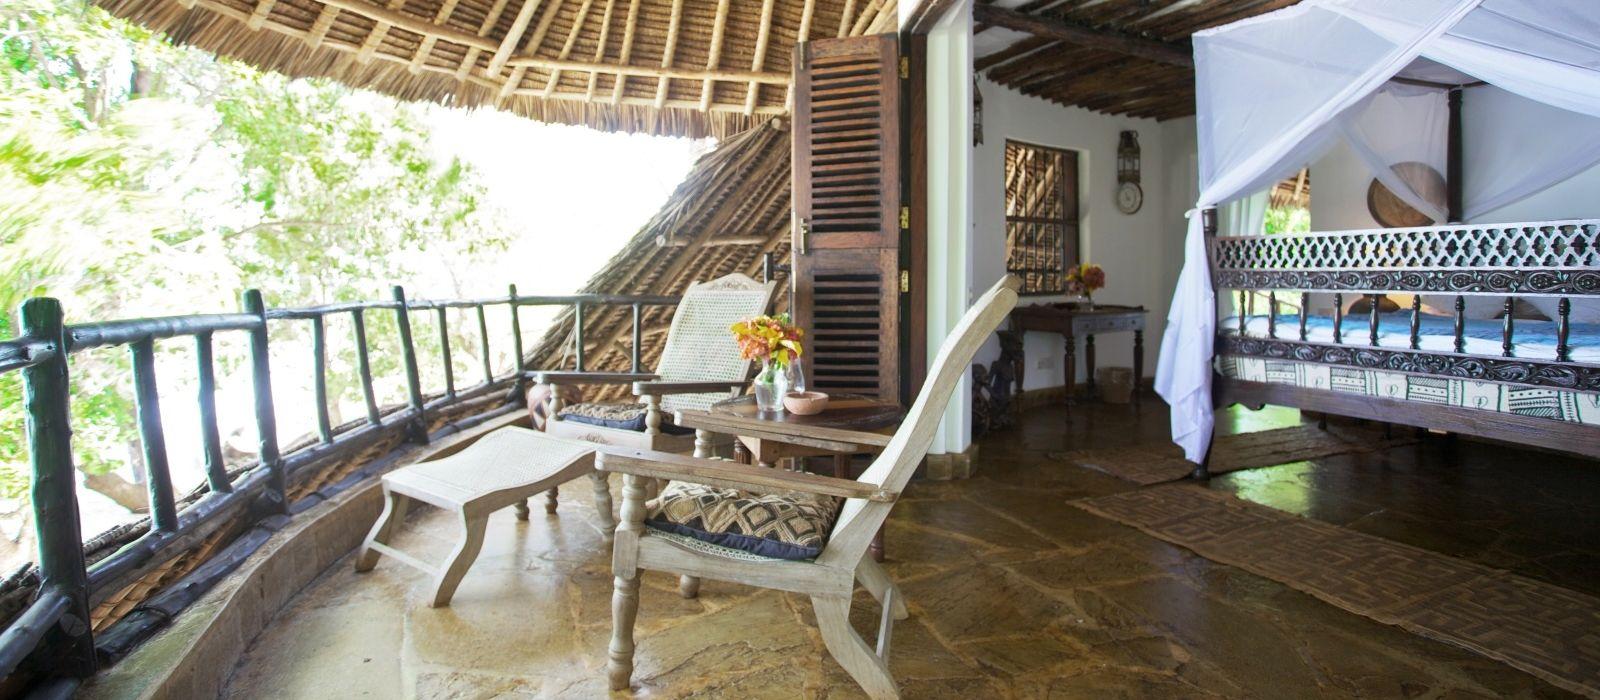 Hotel Kinondo Kwetu Kenya